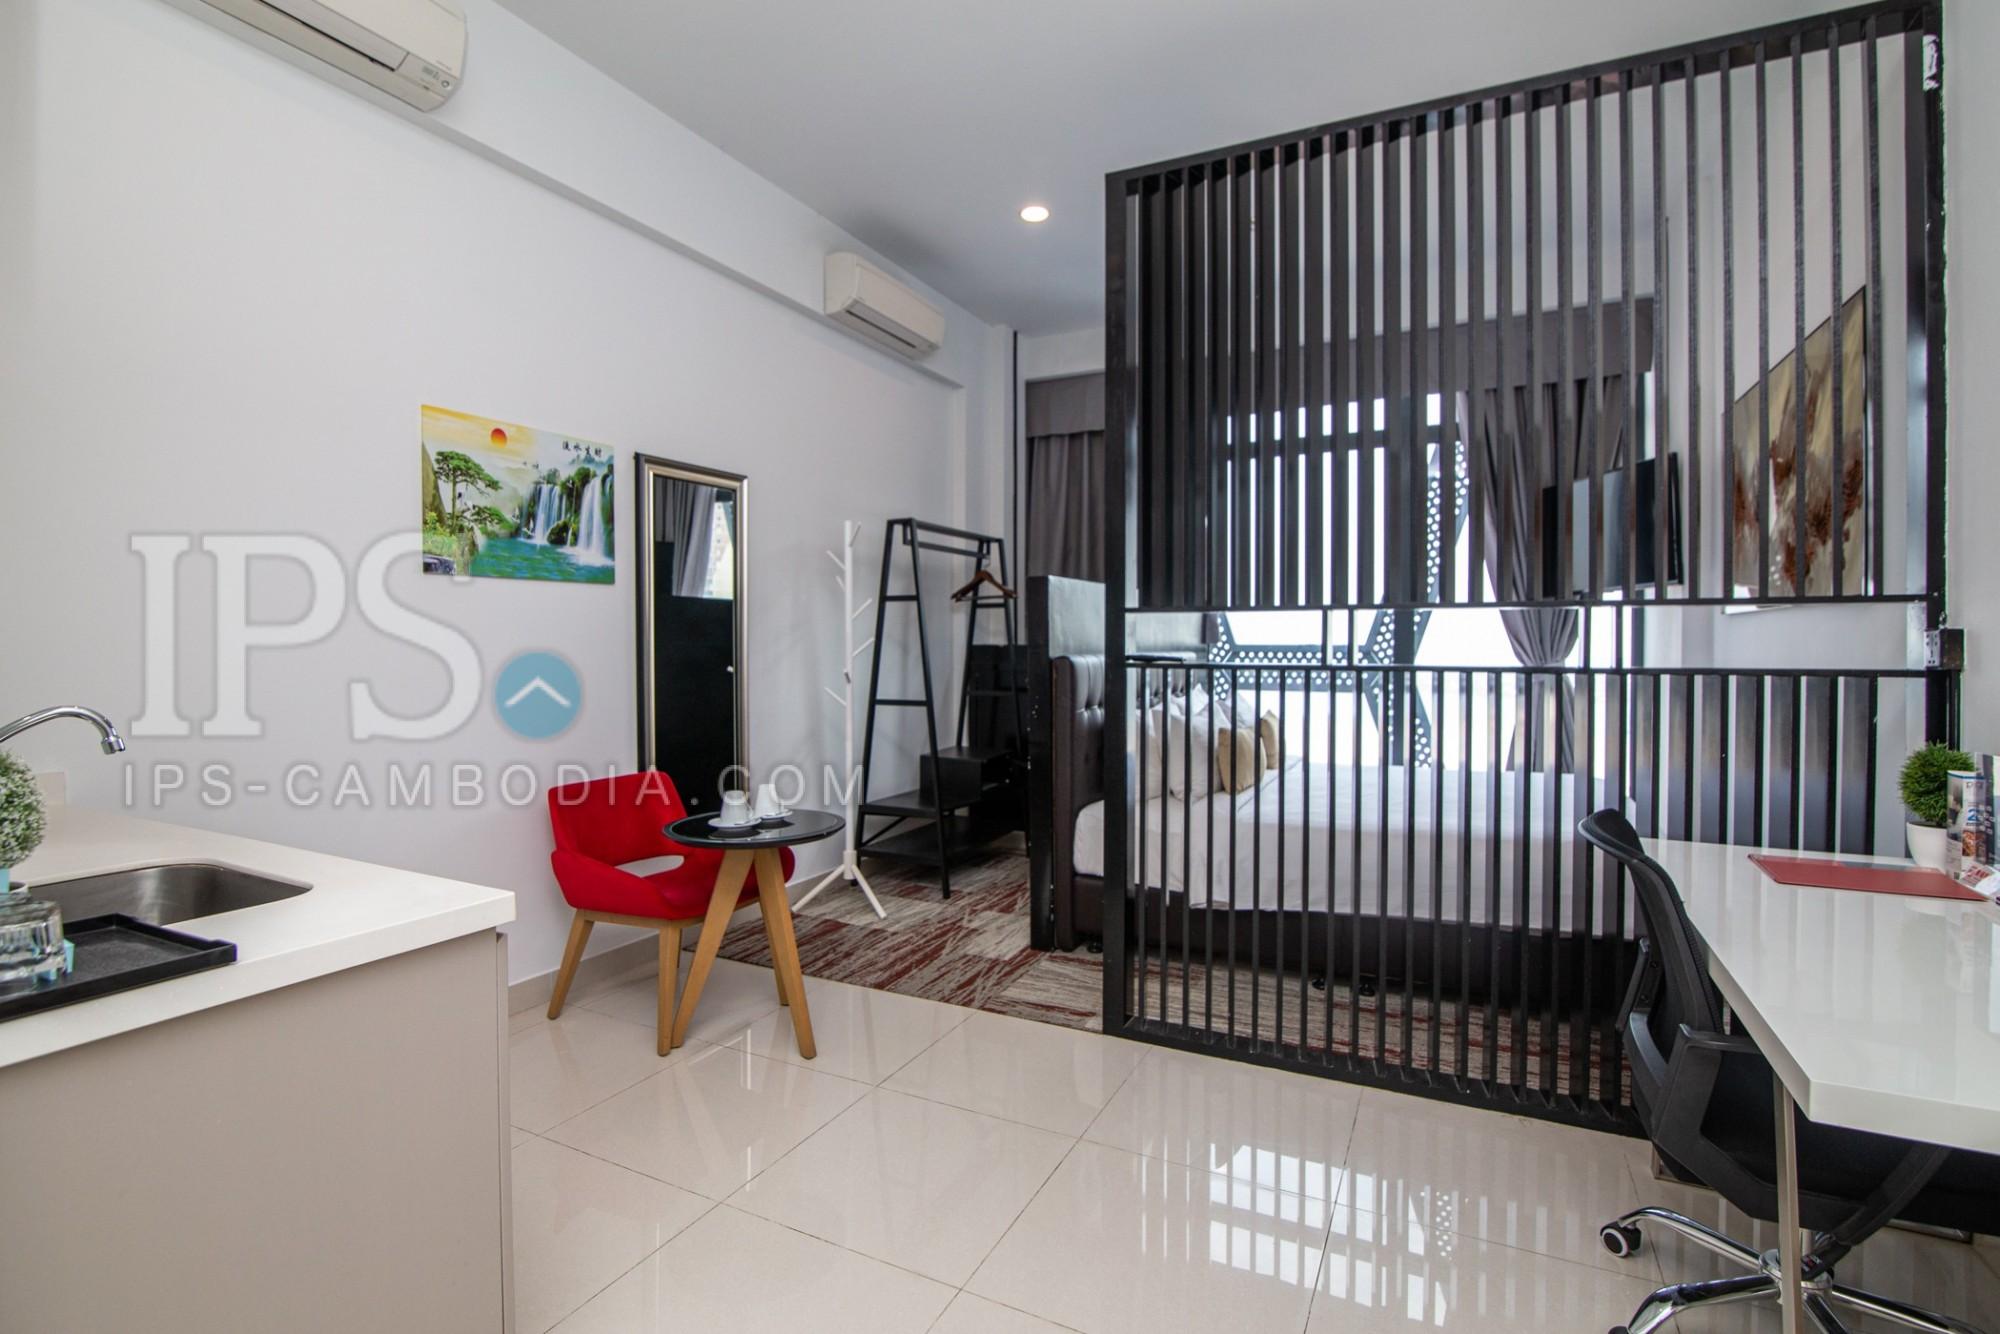 Studio Apartment For Sale - The Bridge, Phnom Penh